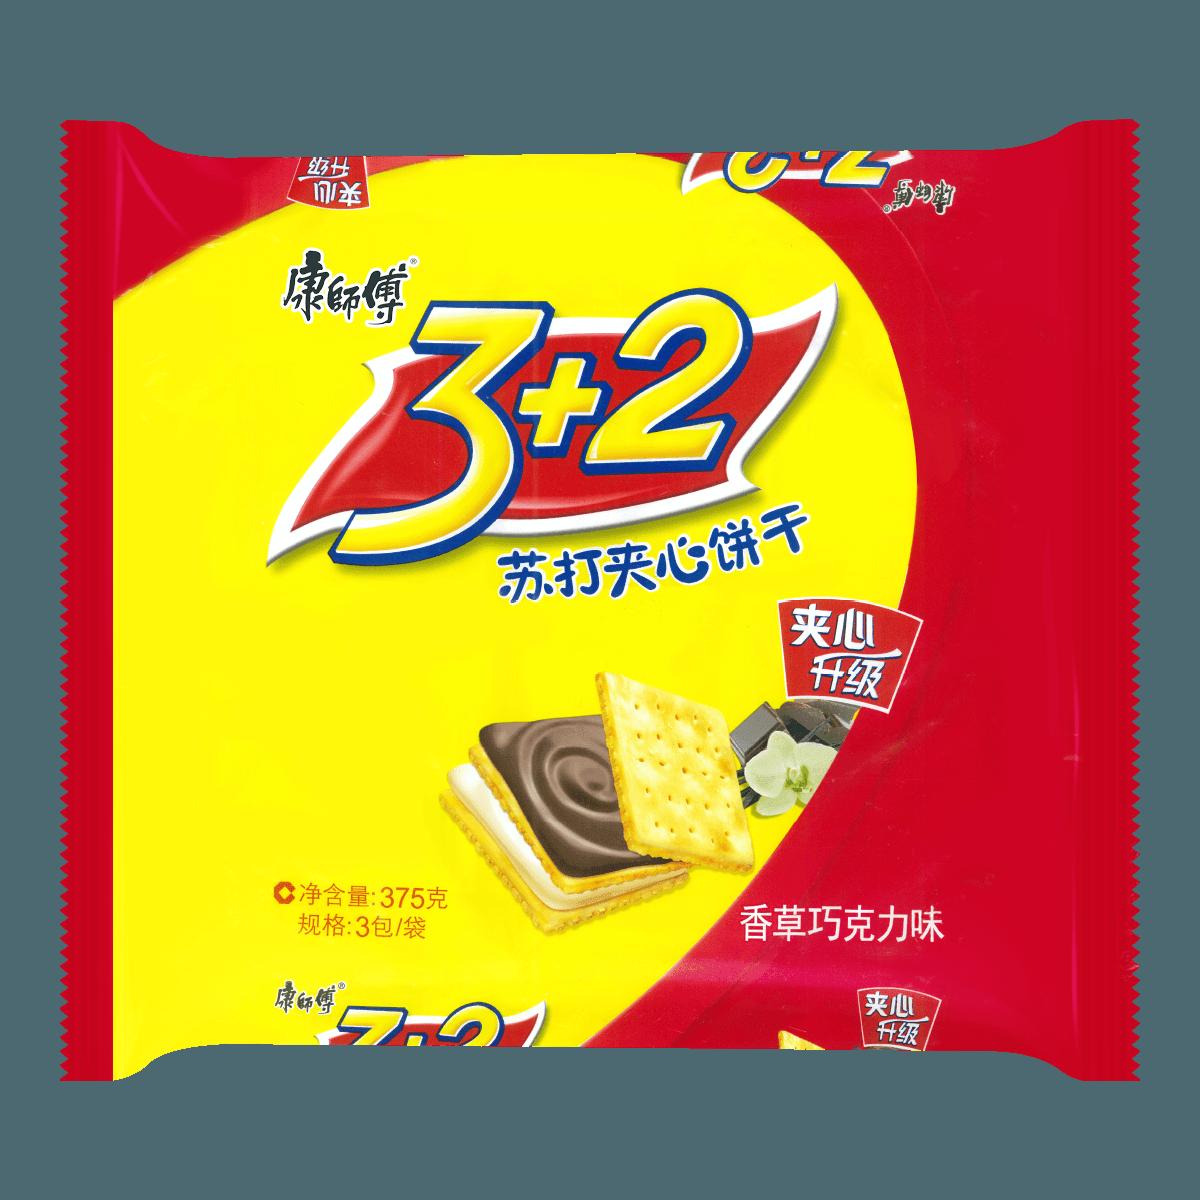 康师傅 3+2苏打夹心饼干 香草巧克力味 三连包 375g